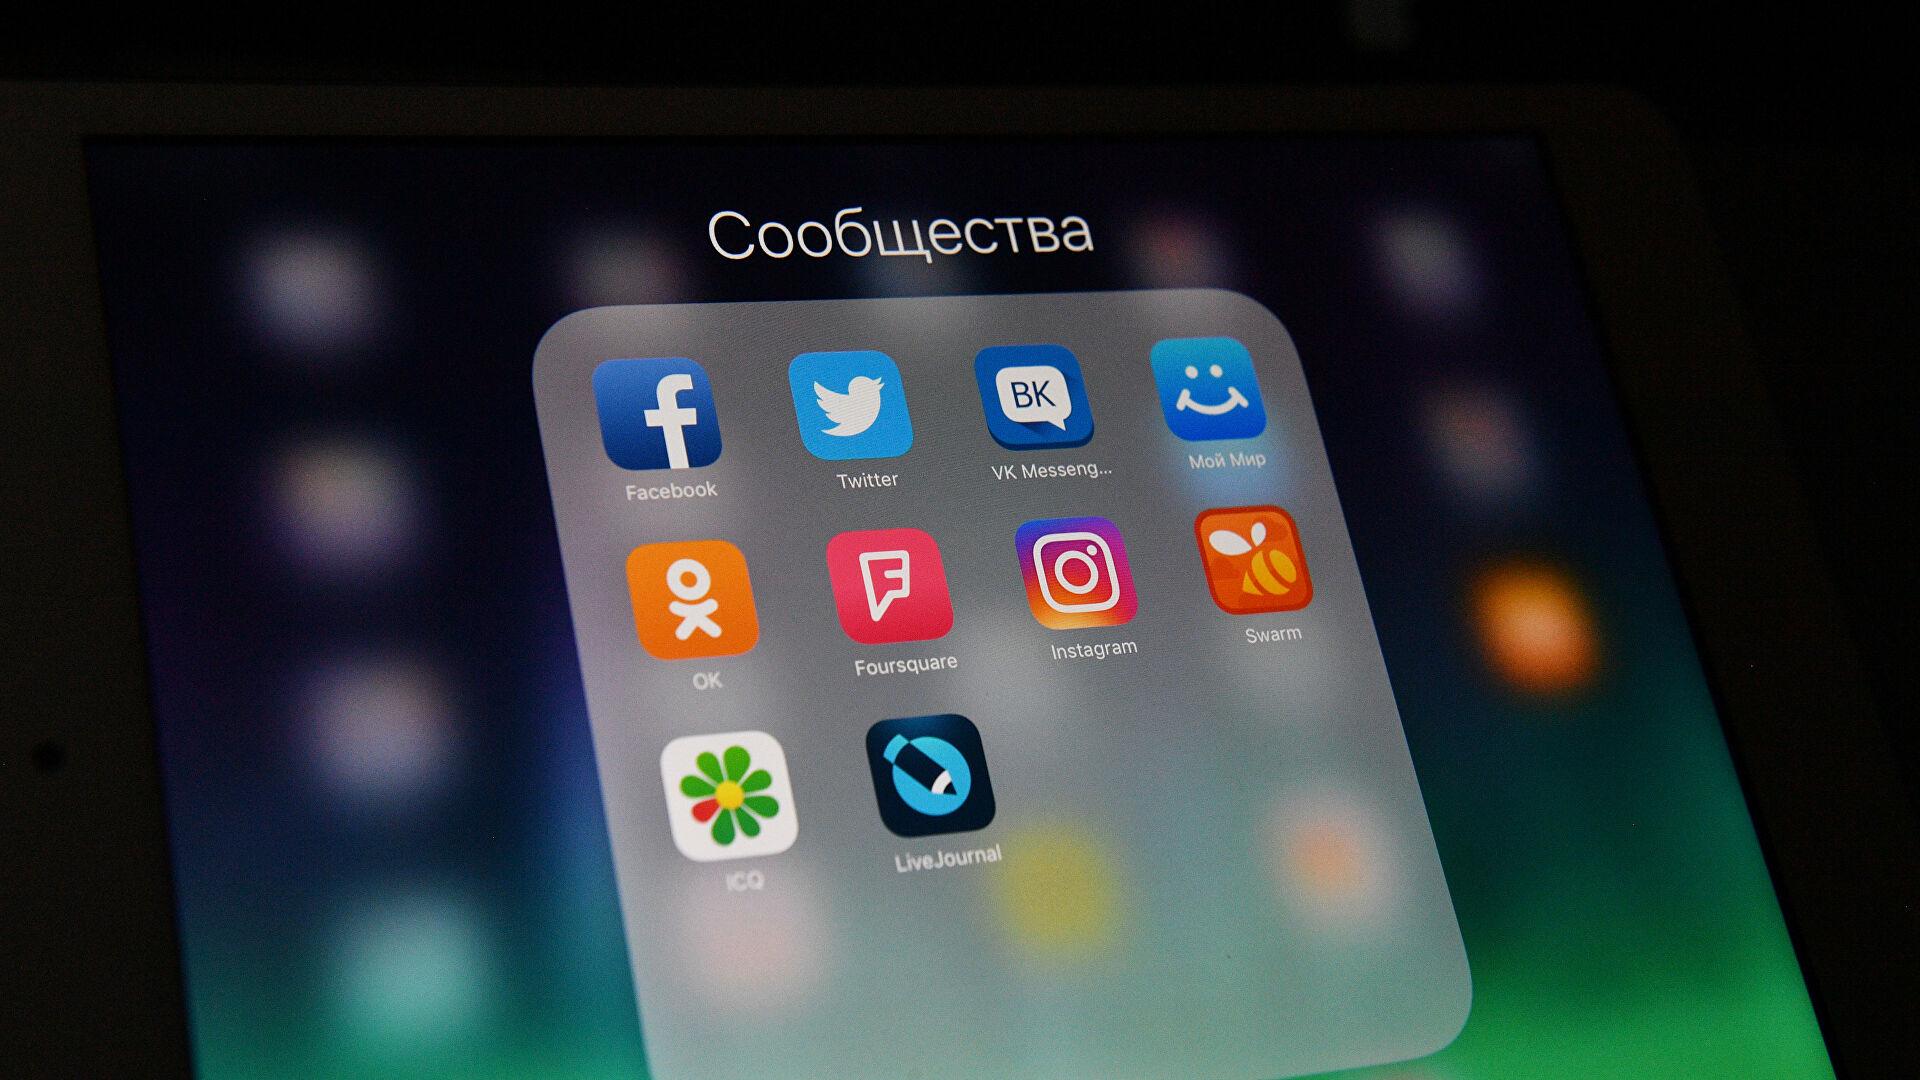 Россиянам дали совет, чем нельзя делиться в соцсетях